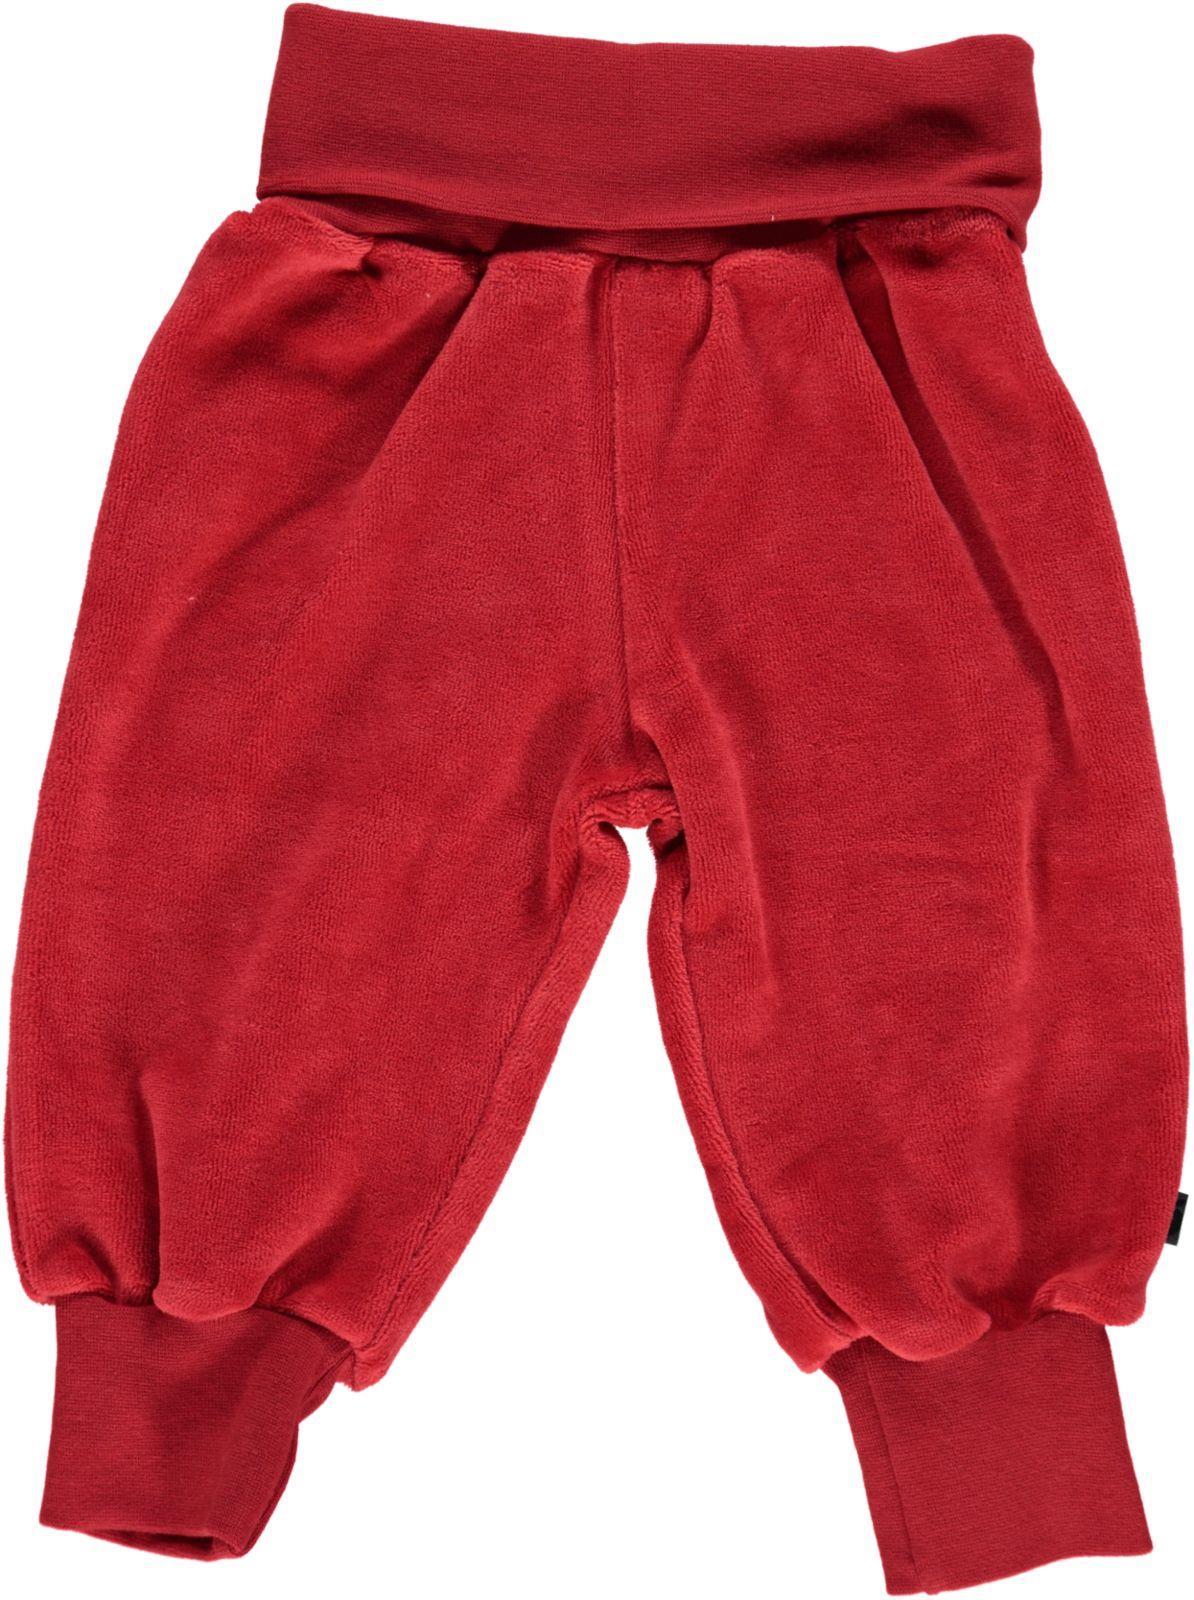 Småfolk - Velvet Baby Waistband Pants - Dark Red